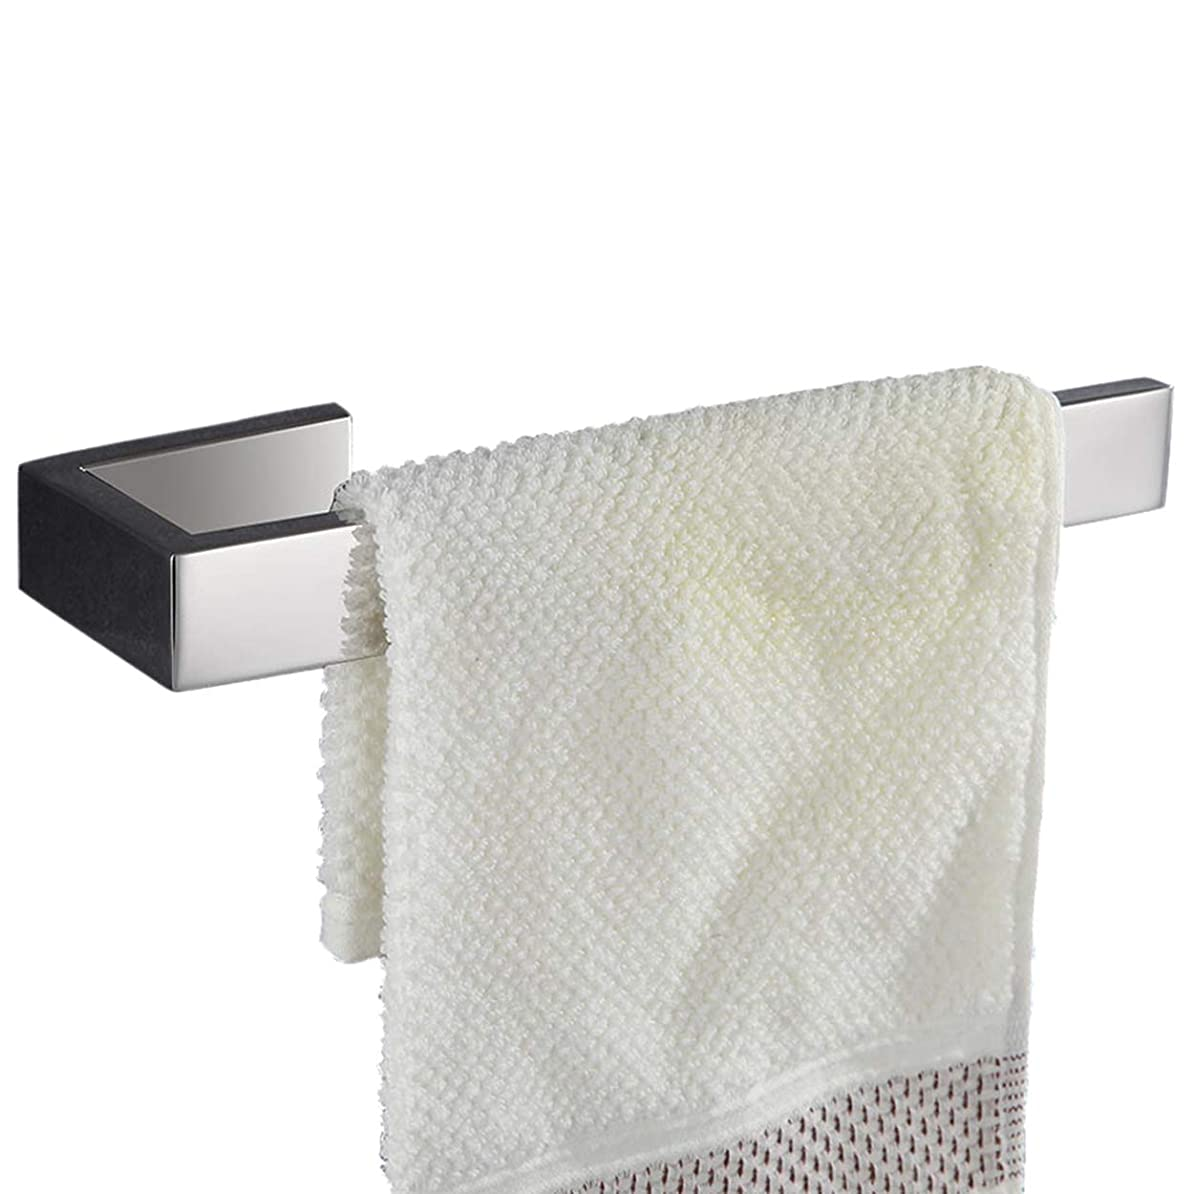 南西お風呂を持っているスイス人Flybath タオルリング SUS 304 ステンレス タオル掛け タオルハンガー おしゃれ ホーム キッチン バスルームアクセサリー ウォールマウント ねじ取付、21 cm 鏡面研磨